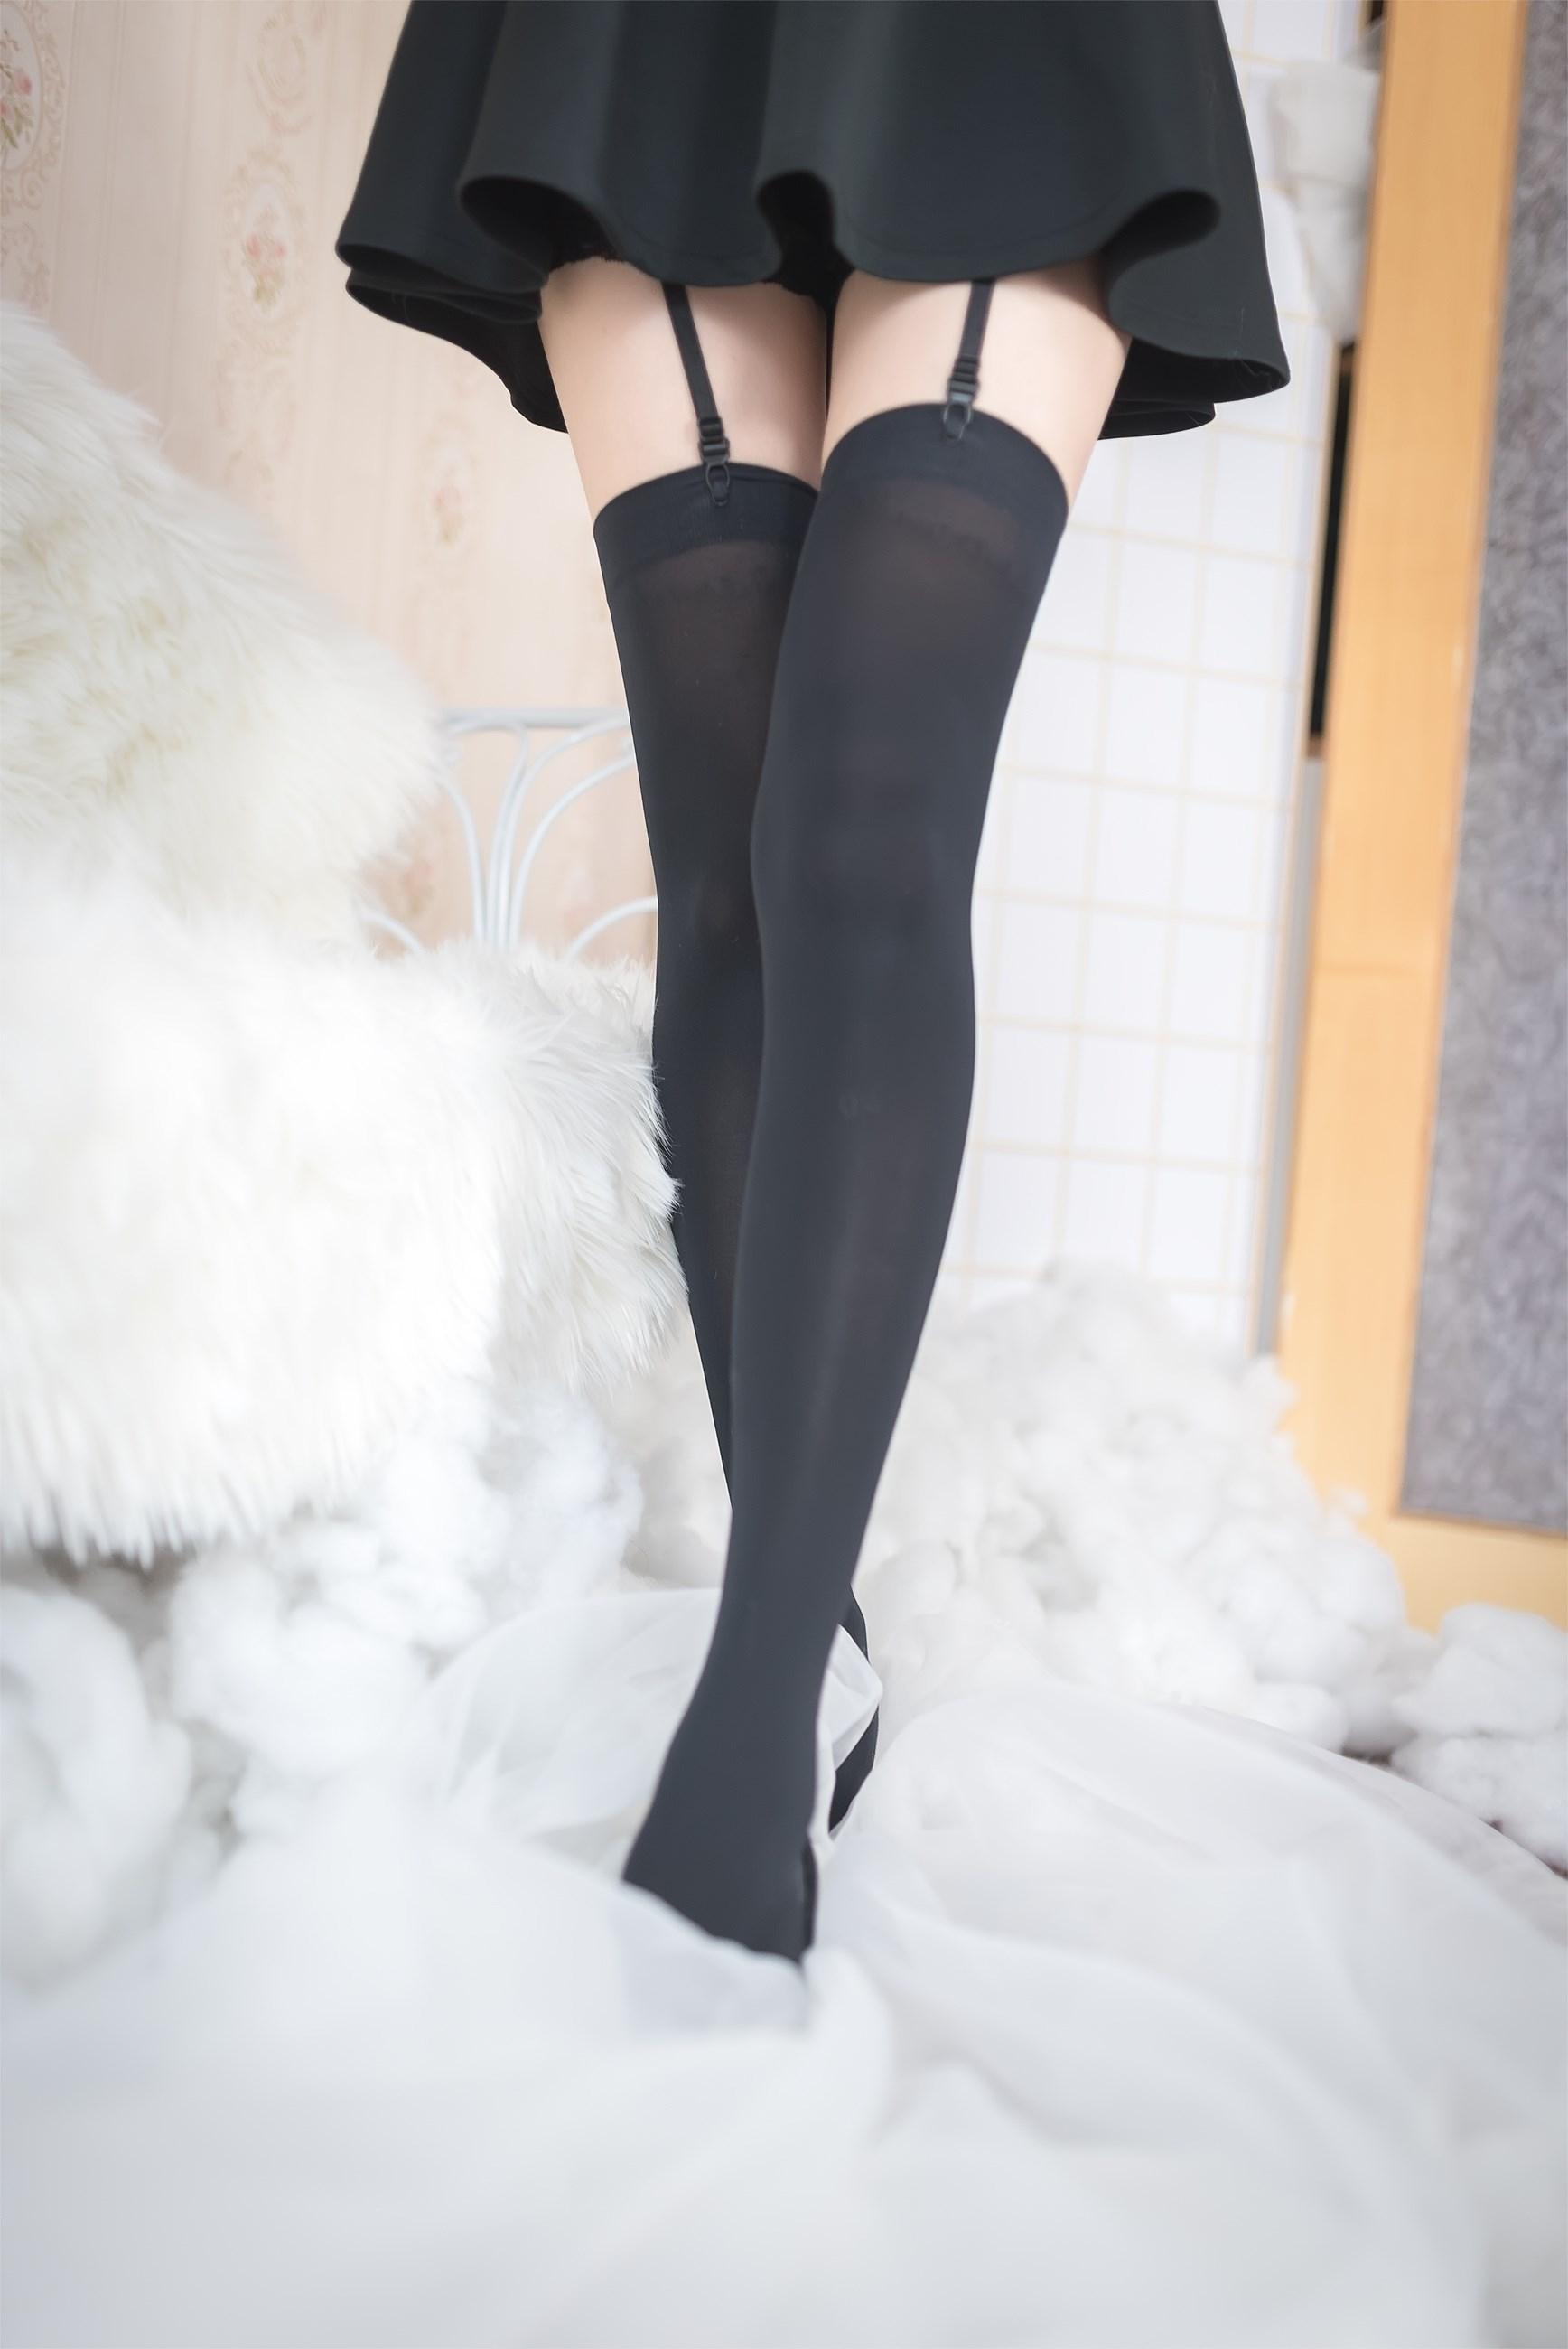 【兔玩映画】吊带 · 丝袜 · 天使 兔玩映画 第17张